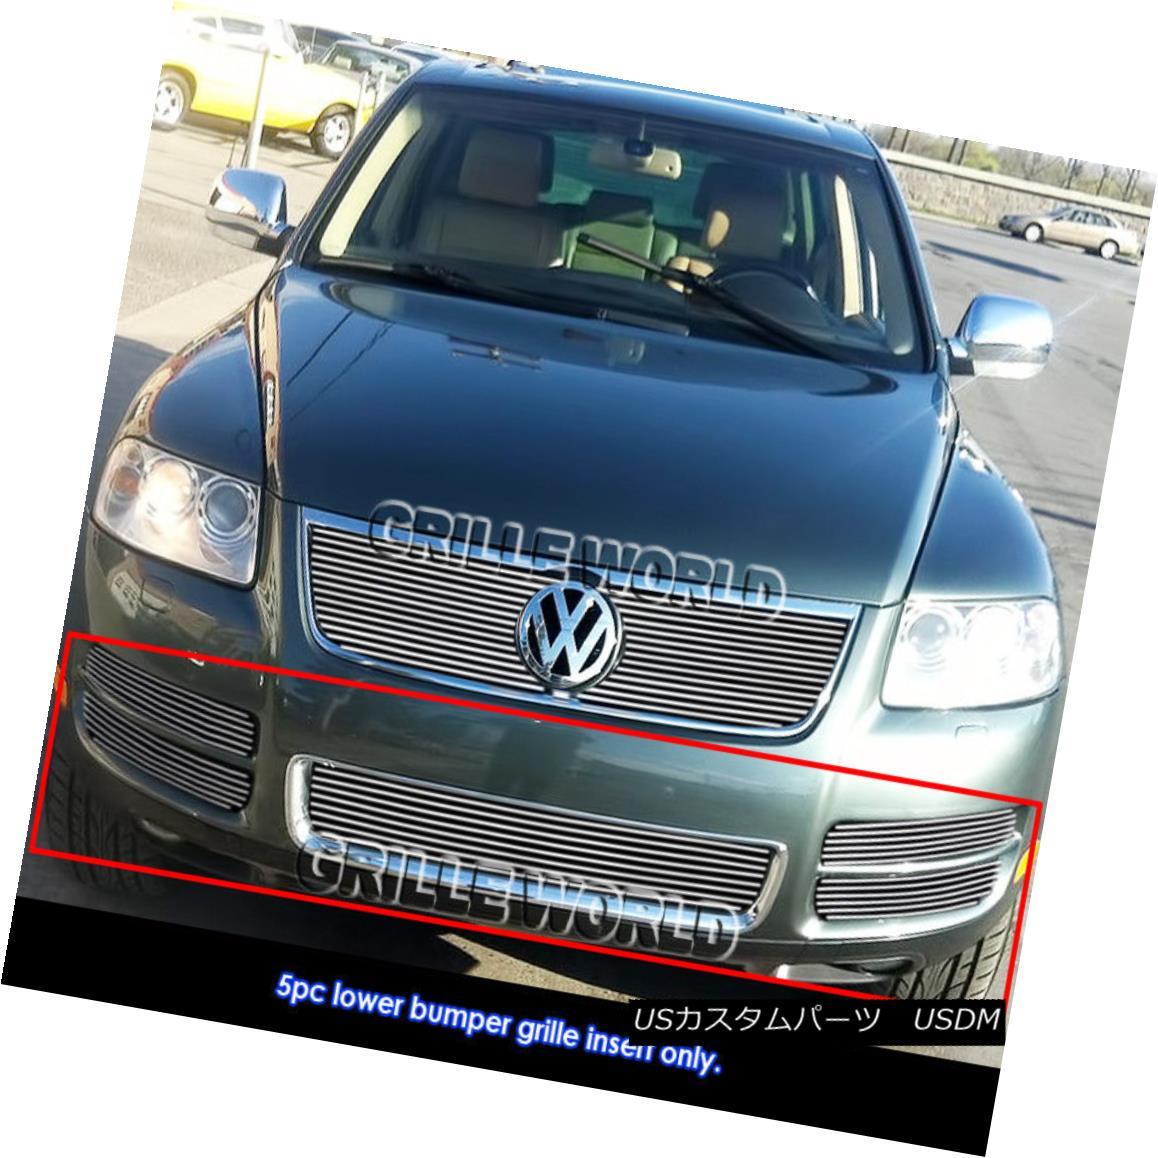 グリル 03-07 Volkswagen VW Touareg W/Chrome Trim V8 Bumper Billet Grille Grill Insert 03-07フォルクスワーゲンVWトゥアレグW /クロムトリムV8バンパービレットグリルグリルインサート